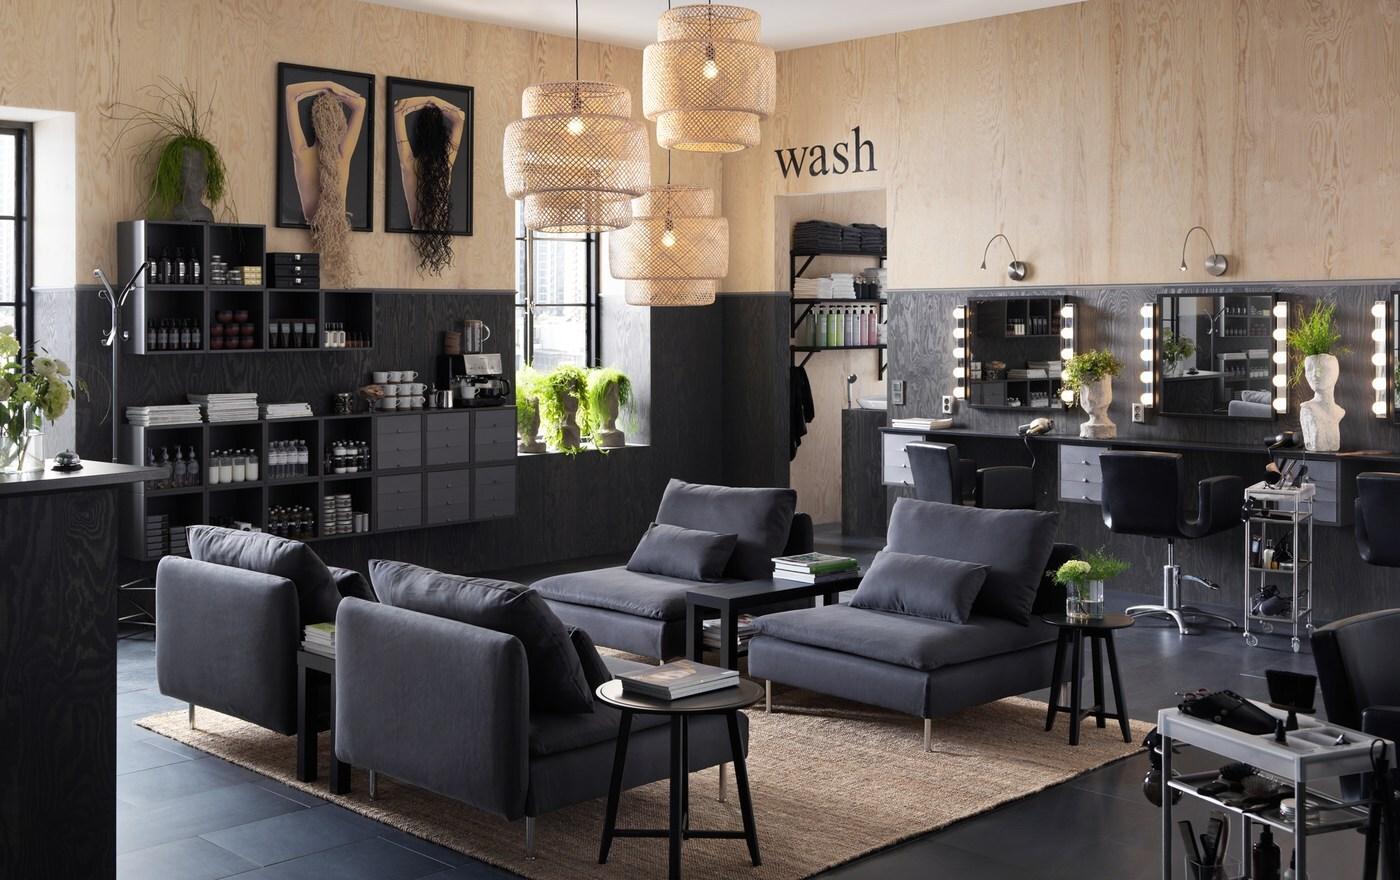 Een kapsalon gemeubileerd met de lage SÖDERHAMN donkergrijze fauteuils en wandkasten om haarproducten te presenteren.